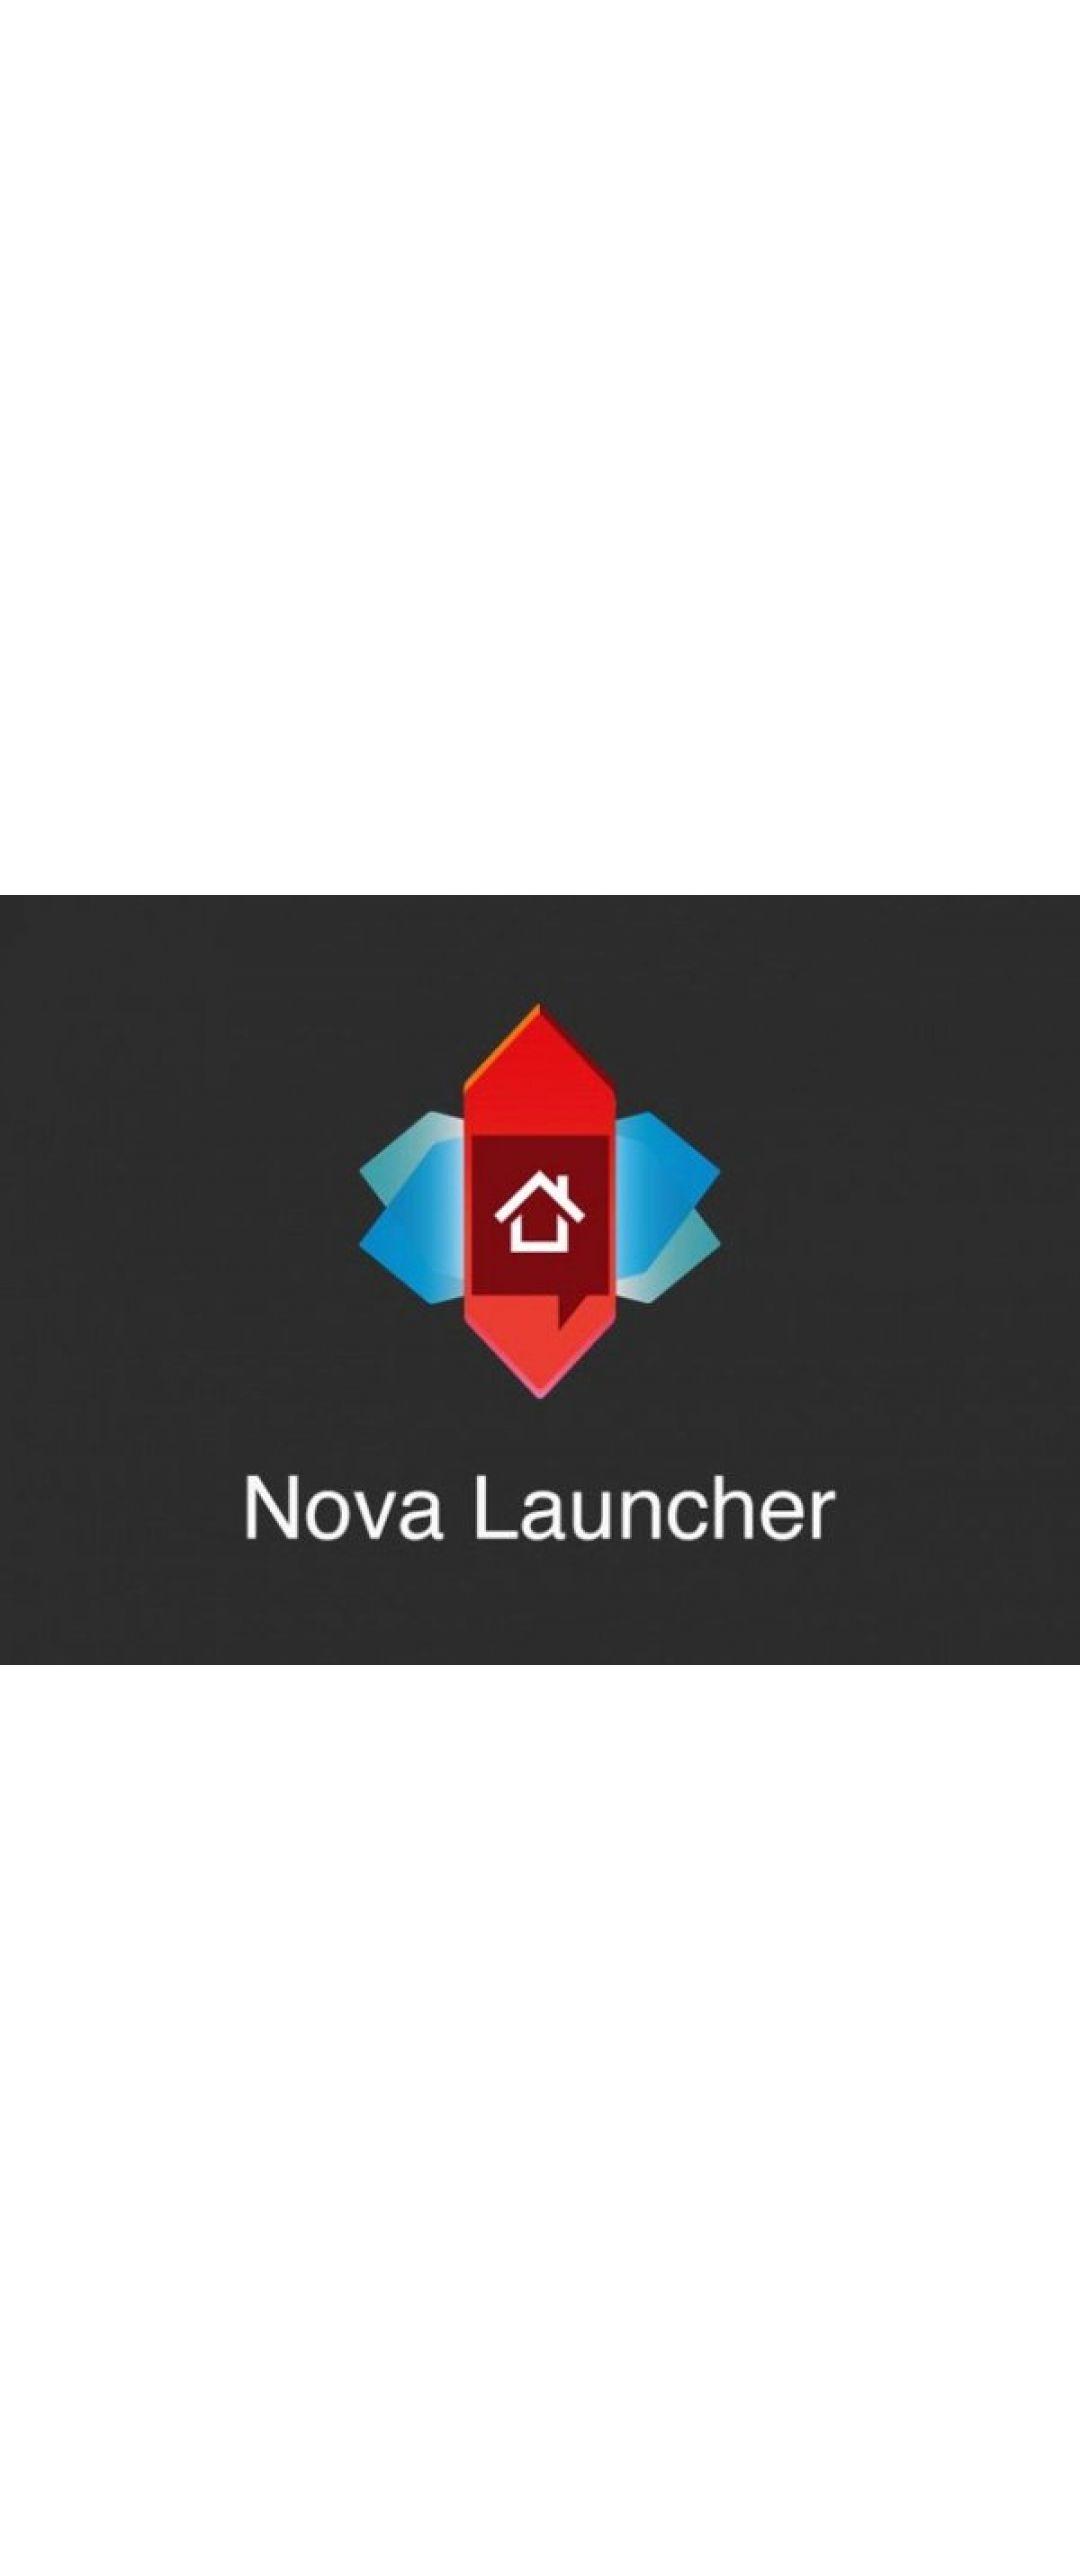 Nova Launcher lleva Pixel Launcher a Android 5.1 y 6.0